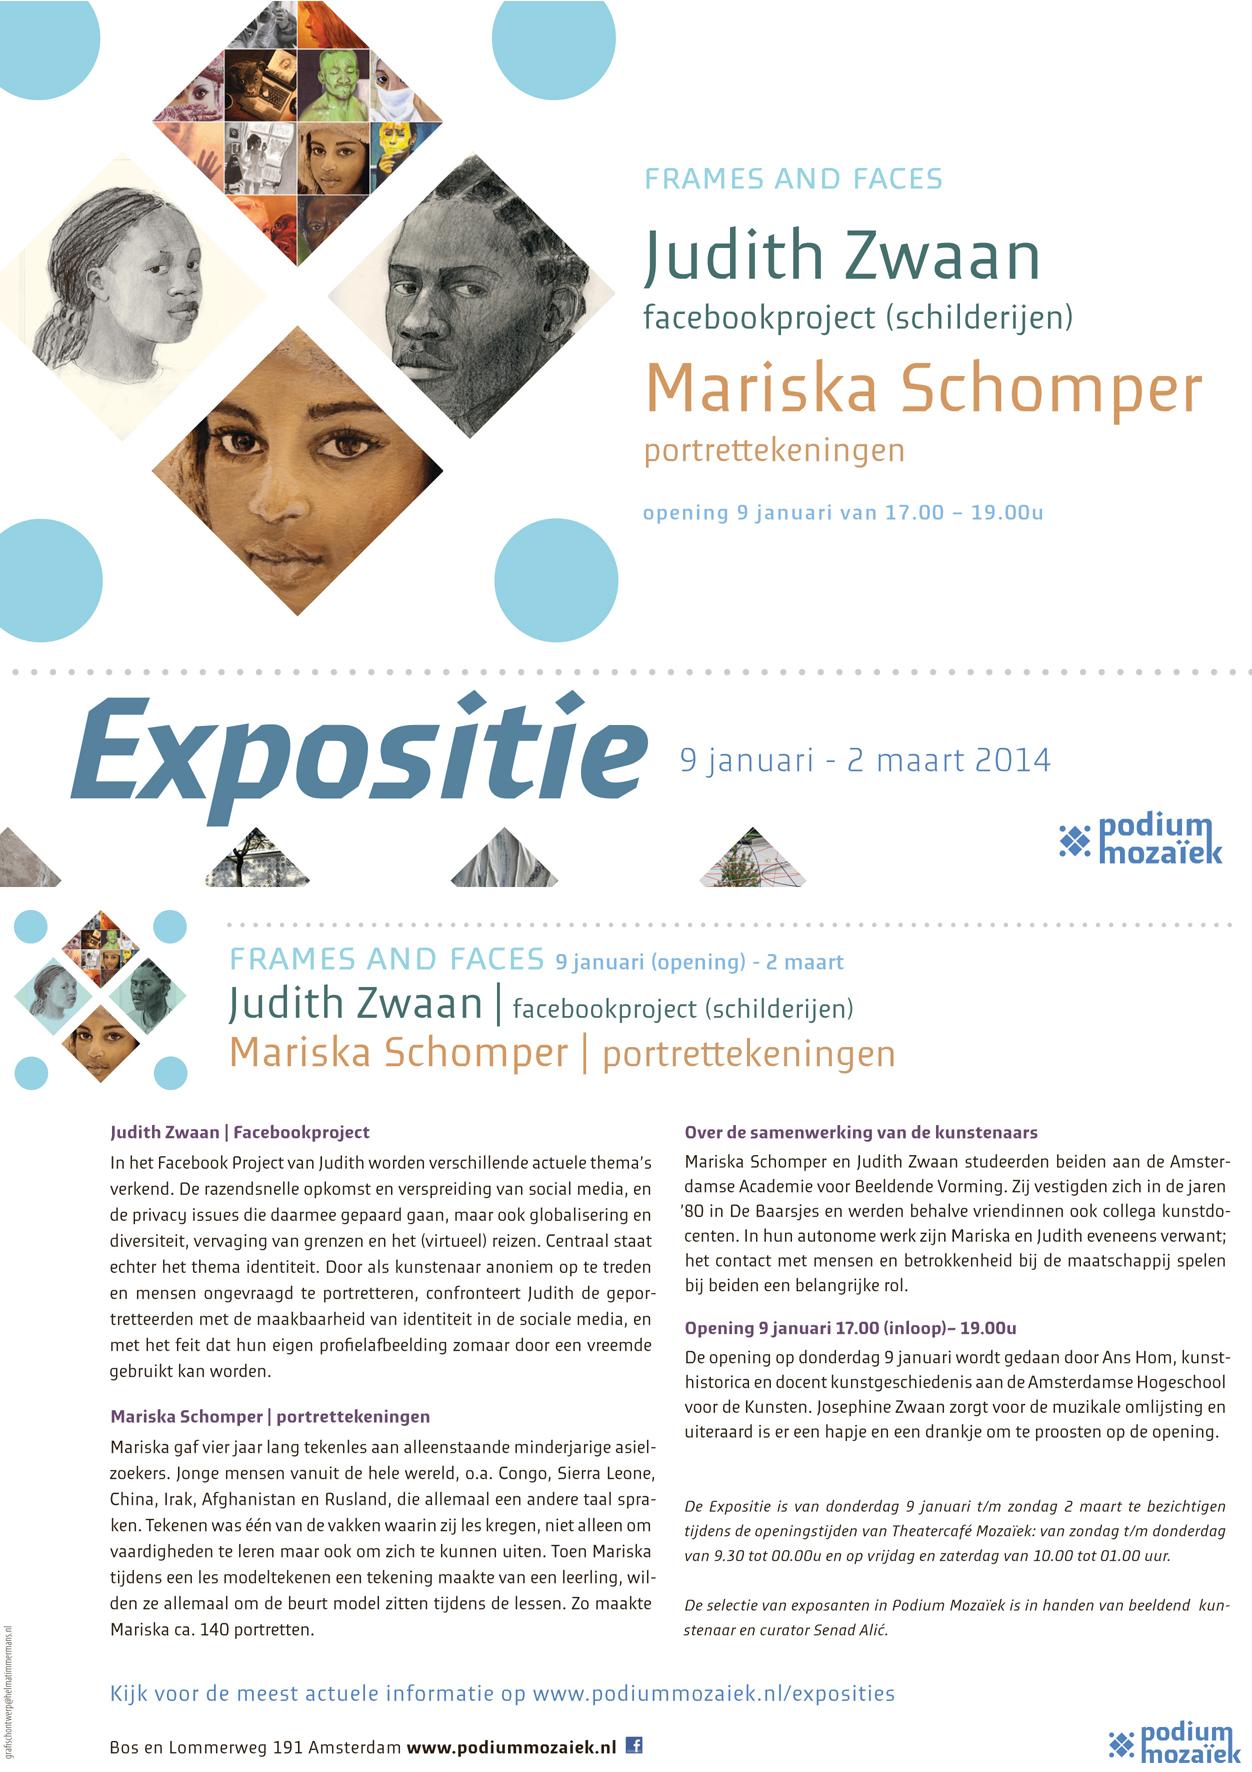 00 Expo judith zwaan 2013/14.indd